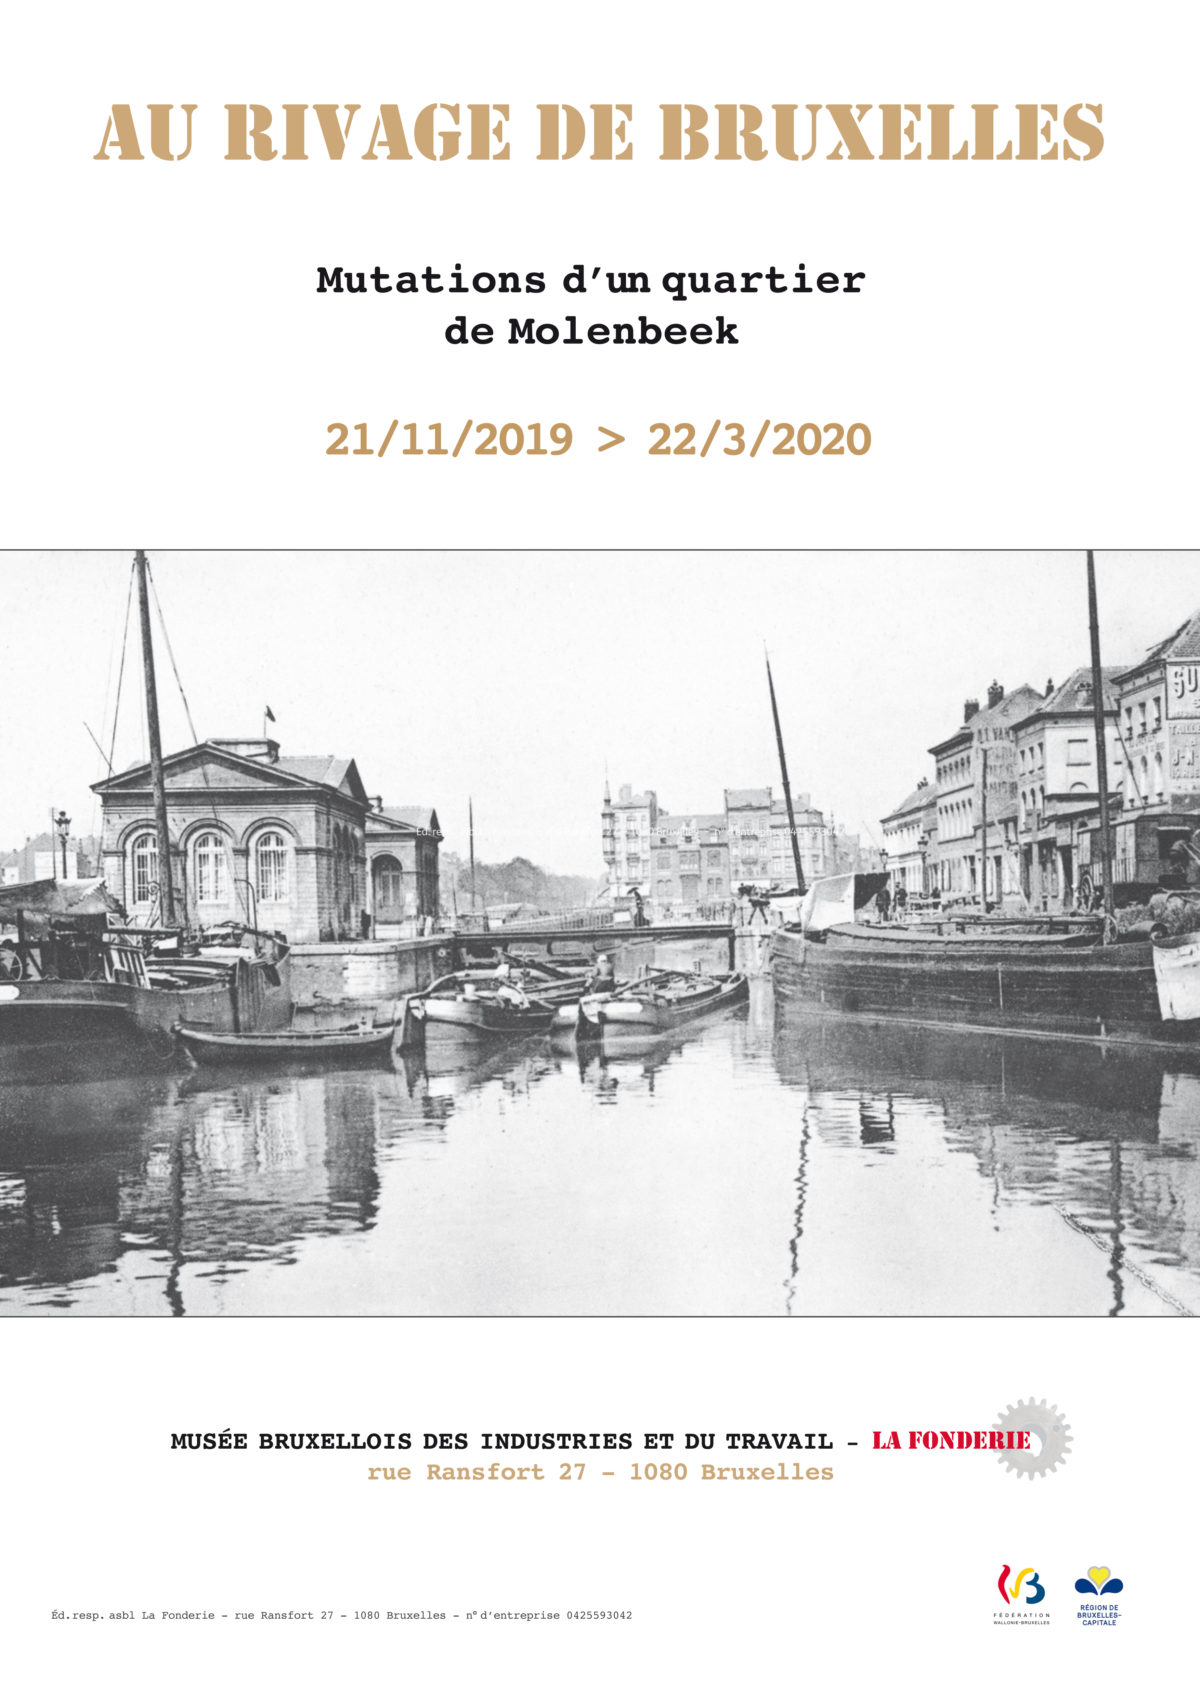 """Affiche de l'exposition """"Au rivage de Bruxelles"""""""